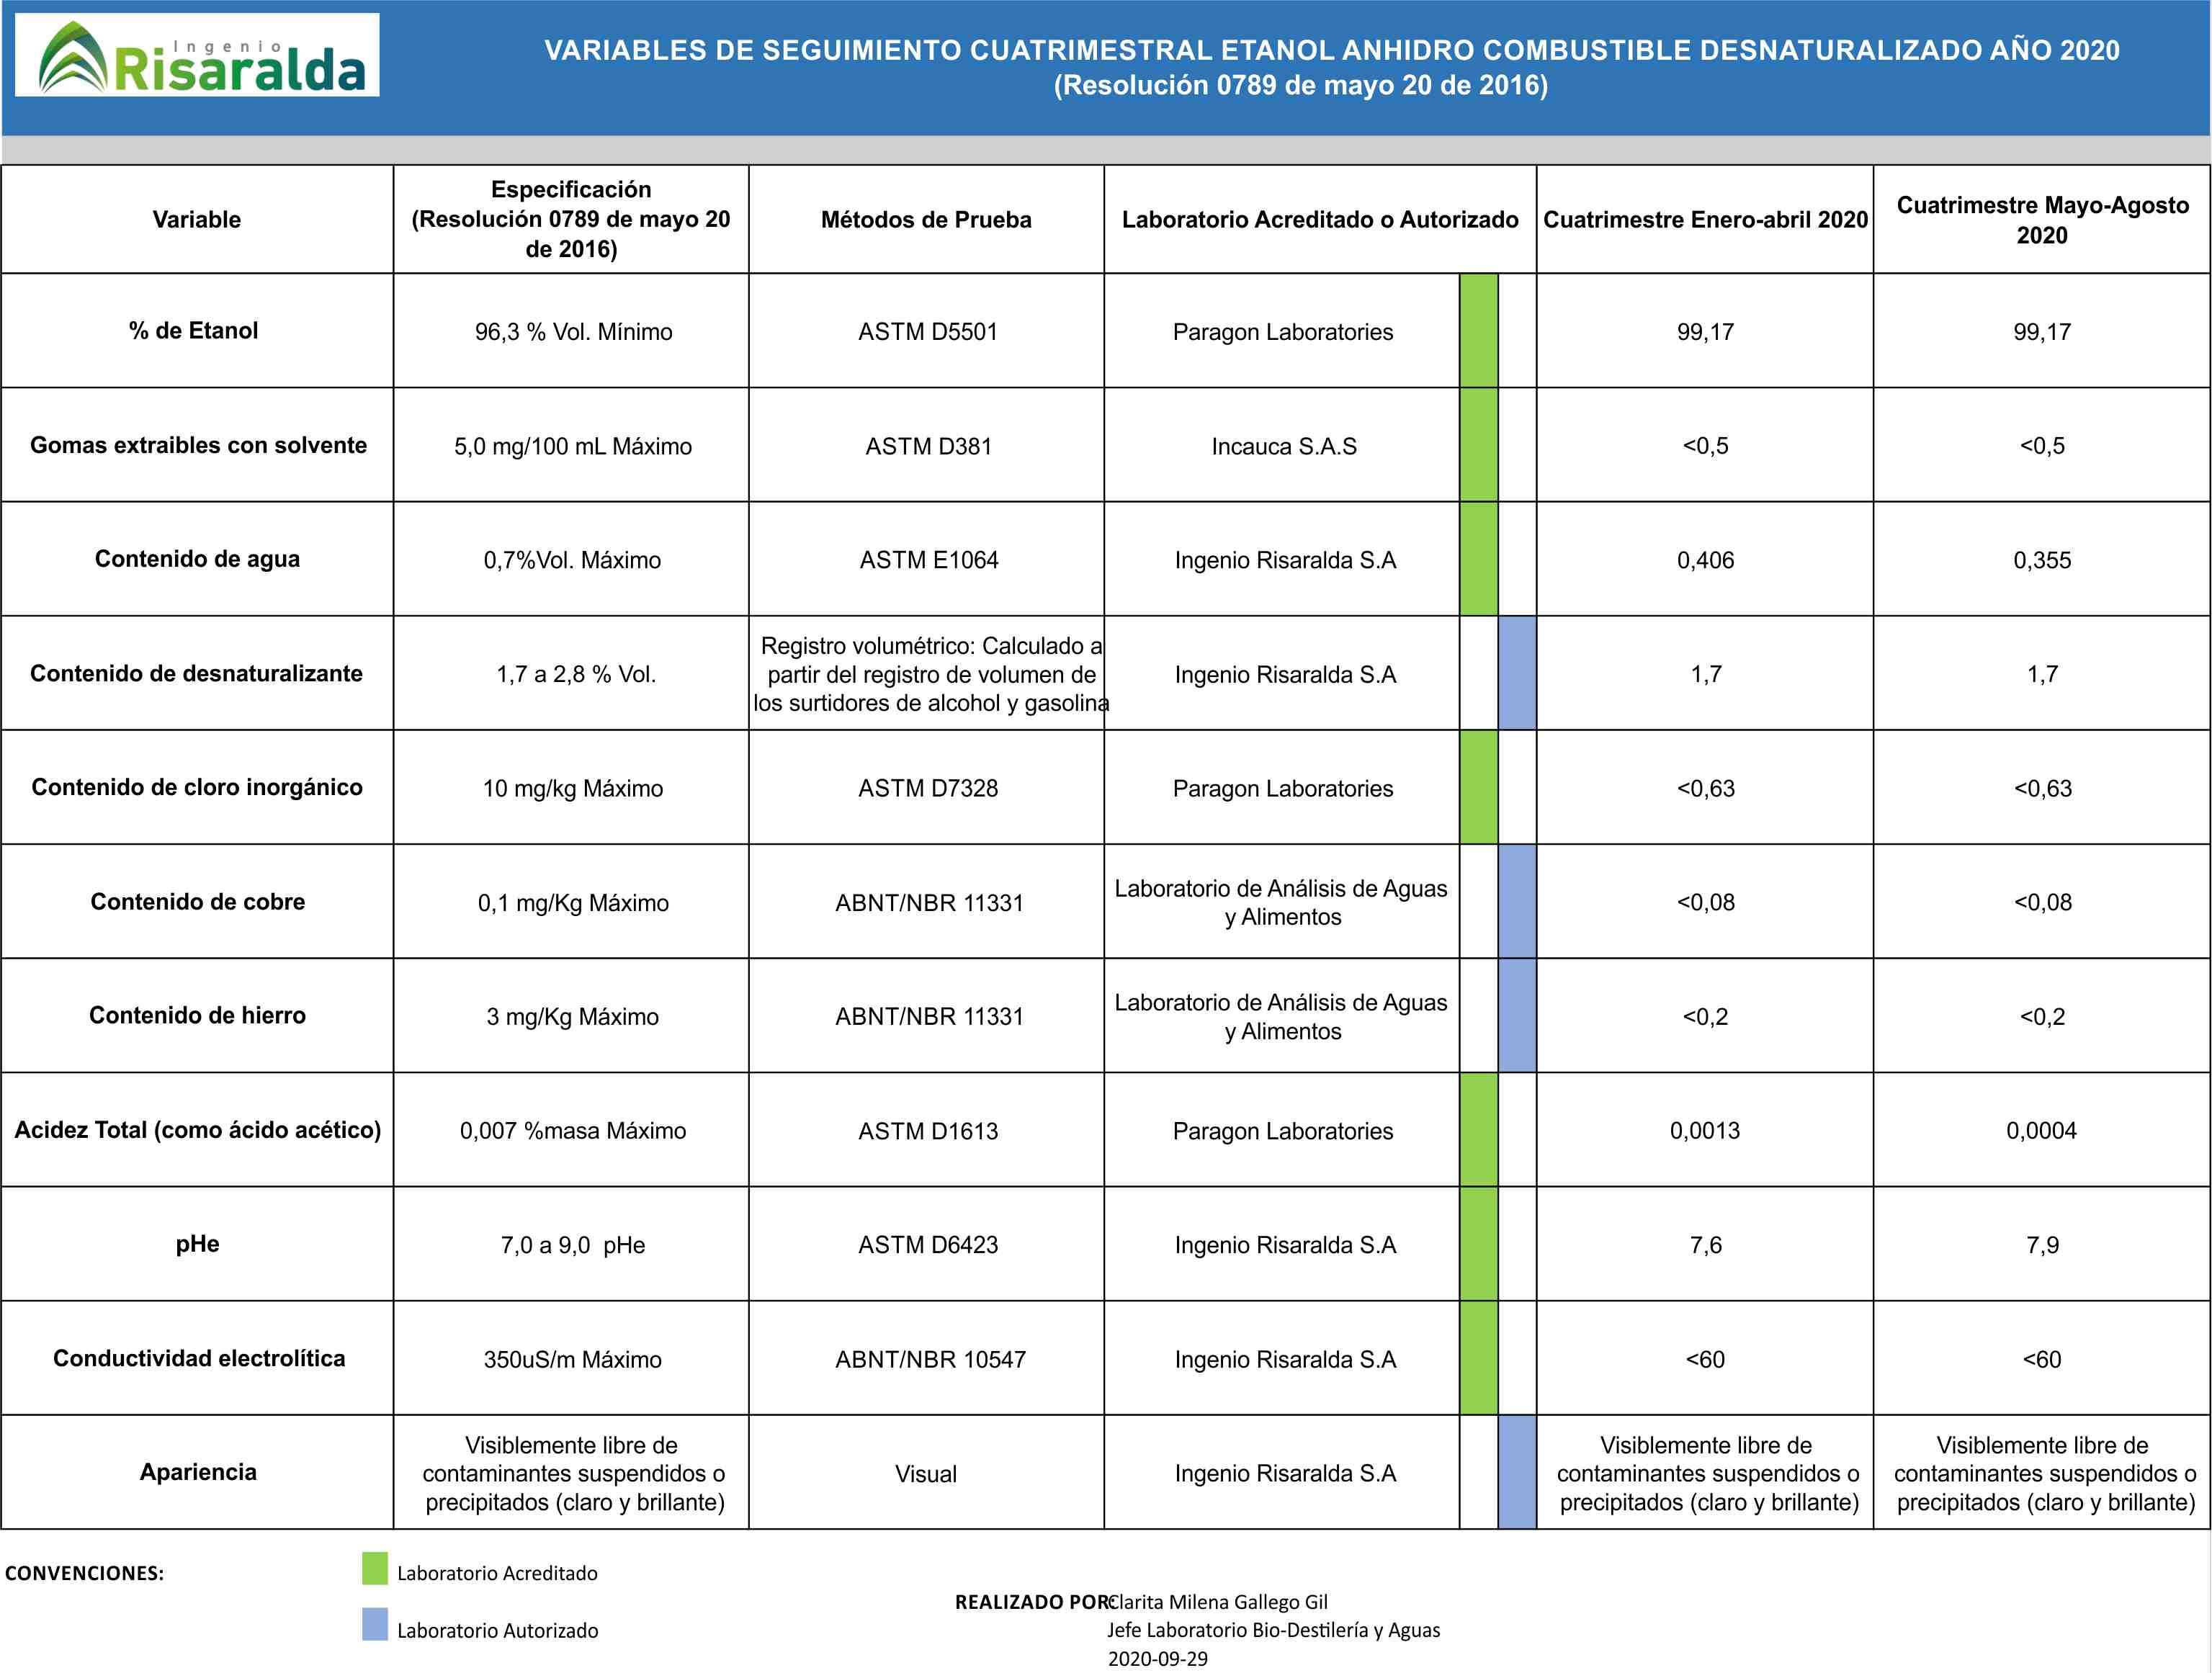 VARIABLES DE SEGUIMIENTO CUATRIMESTRAL ETANOL ANHIDRO COMBUSTIBLE DESNATURALIZADO AÑO 2020 - (Resolución 0789 de mayo 20 de 2016)